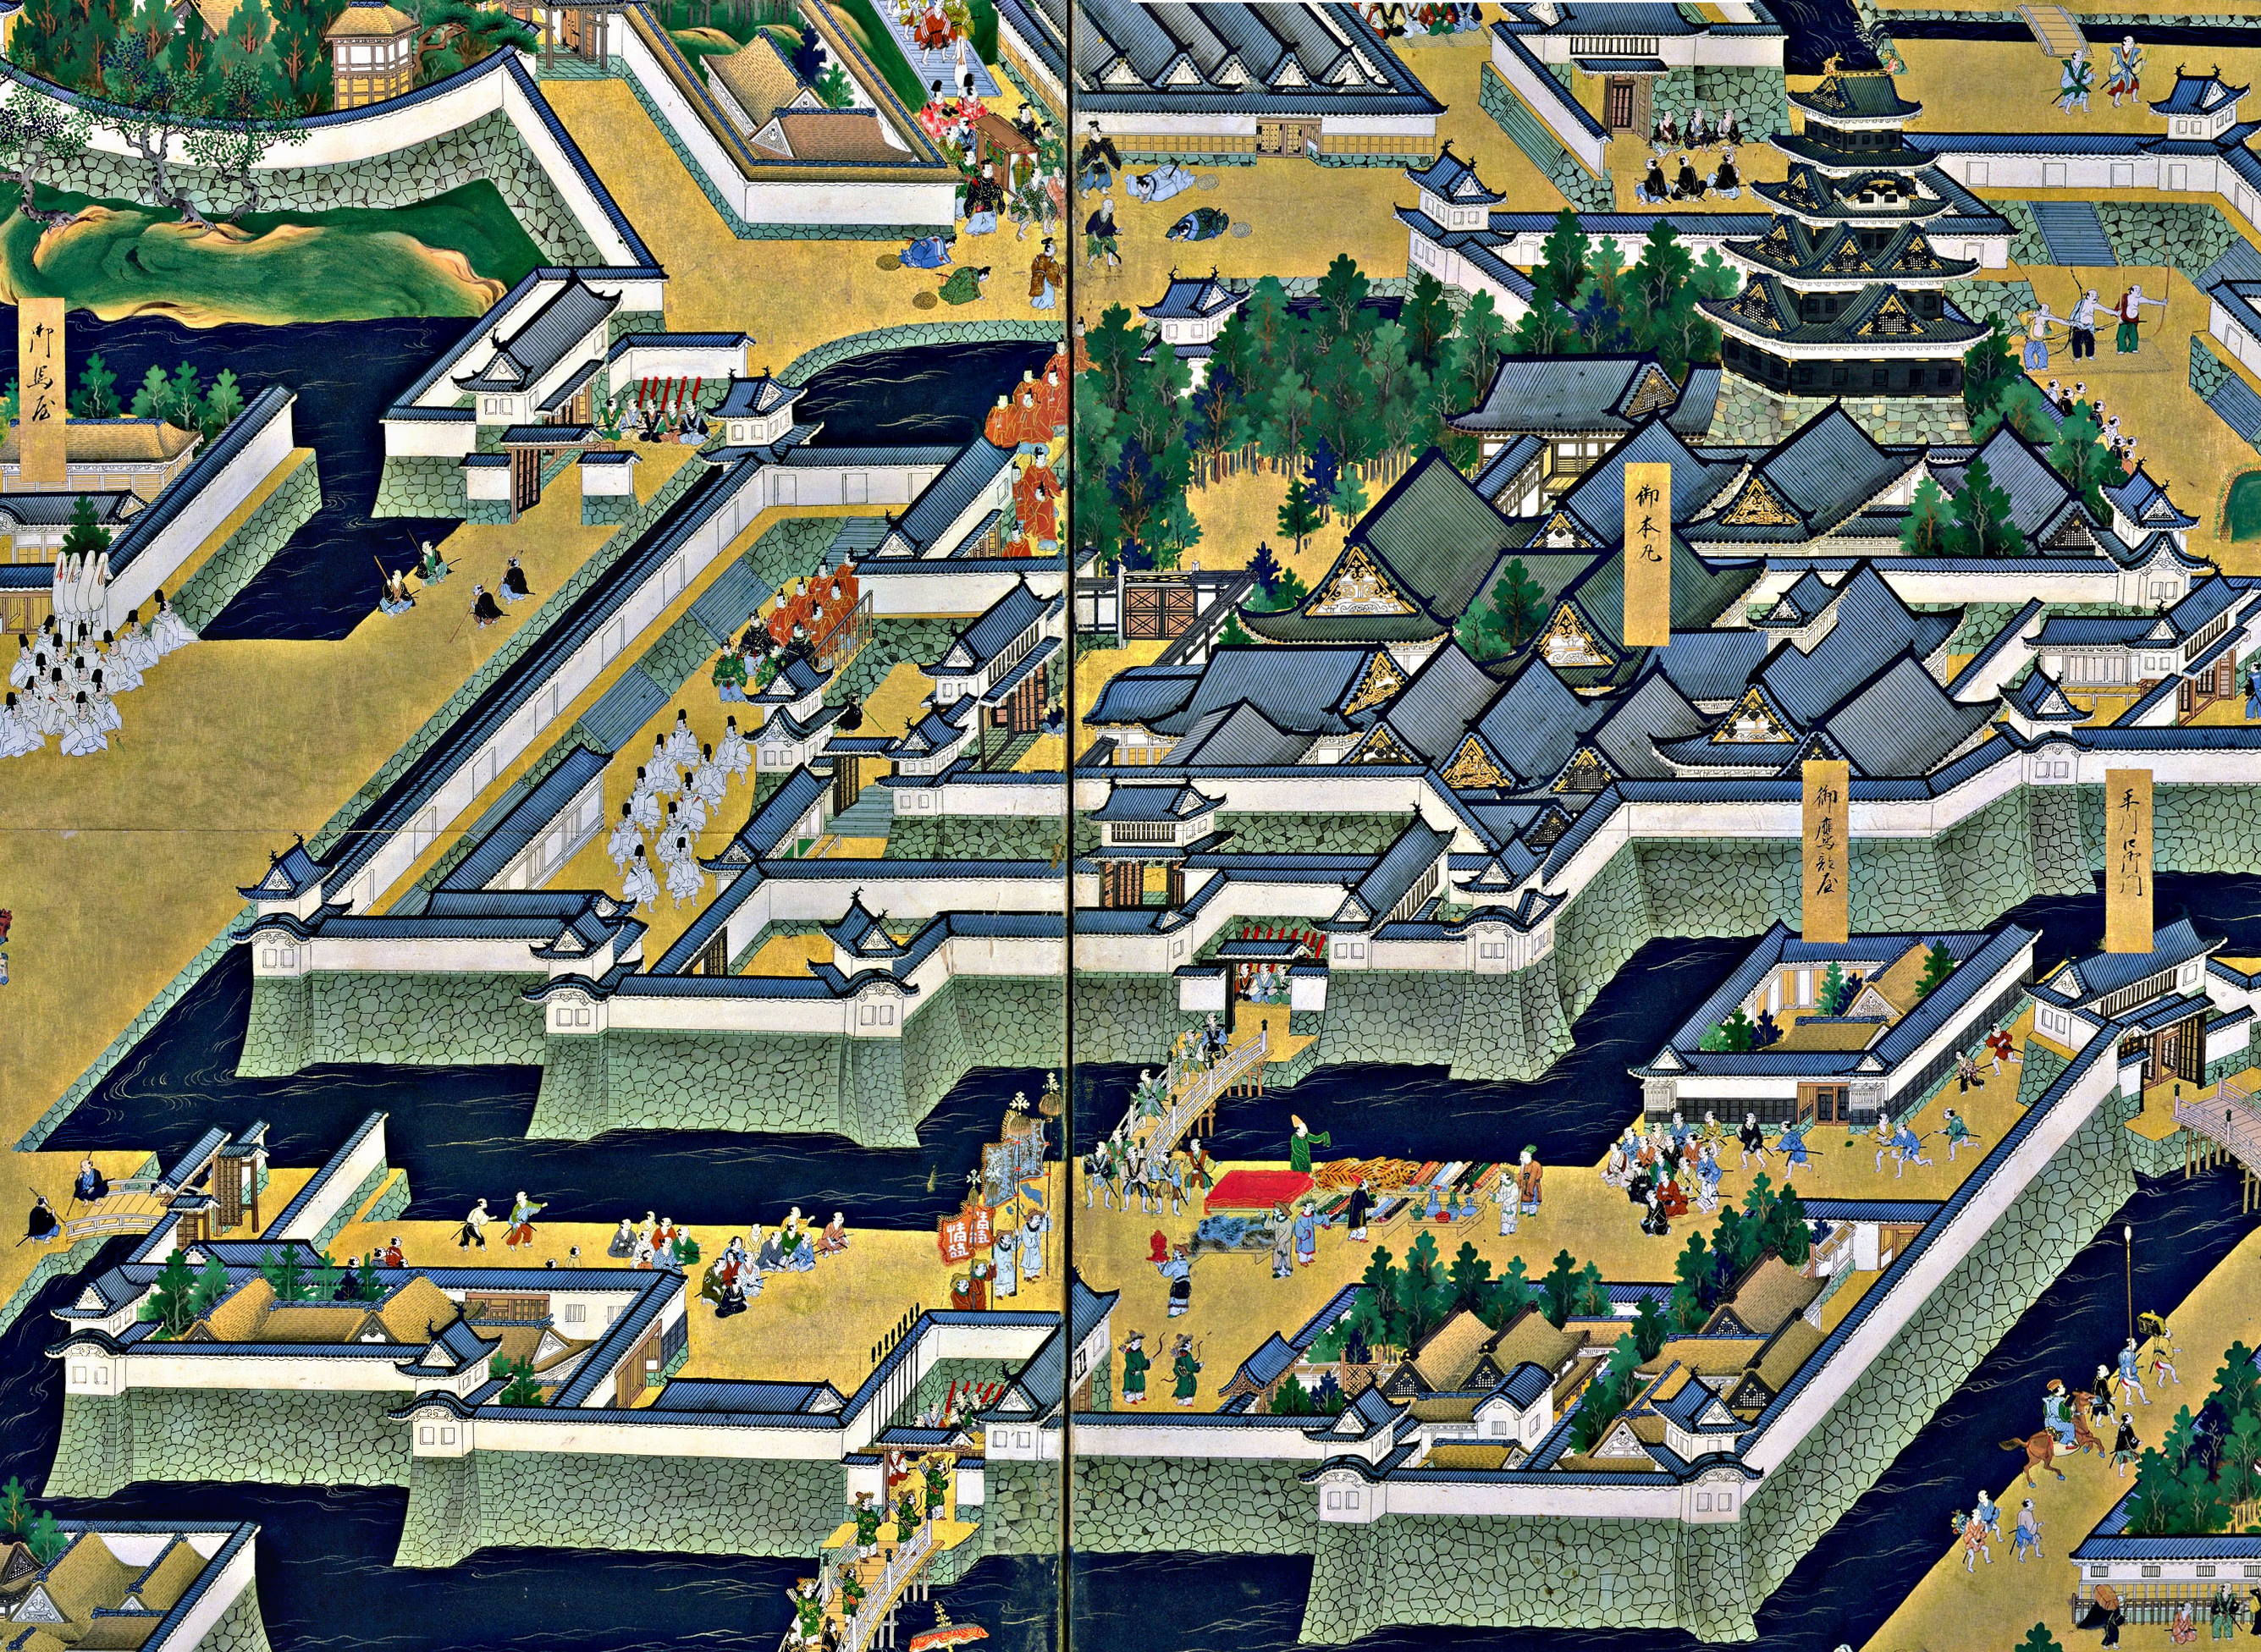 http://upload.wikimedia.org/wikipedia/commons/9/94/Edo_P2.jpg